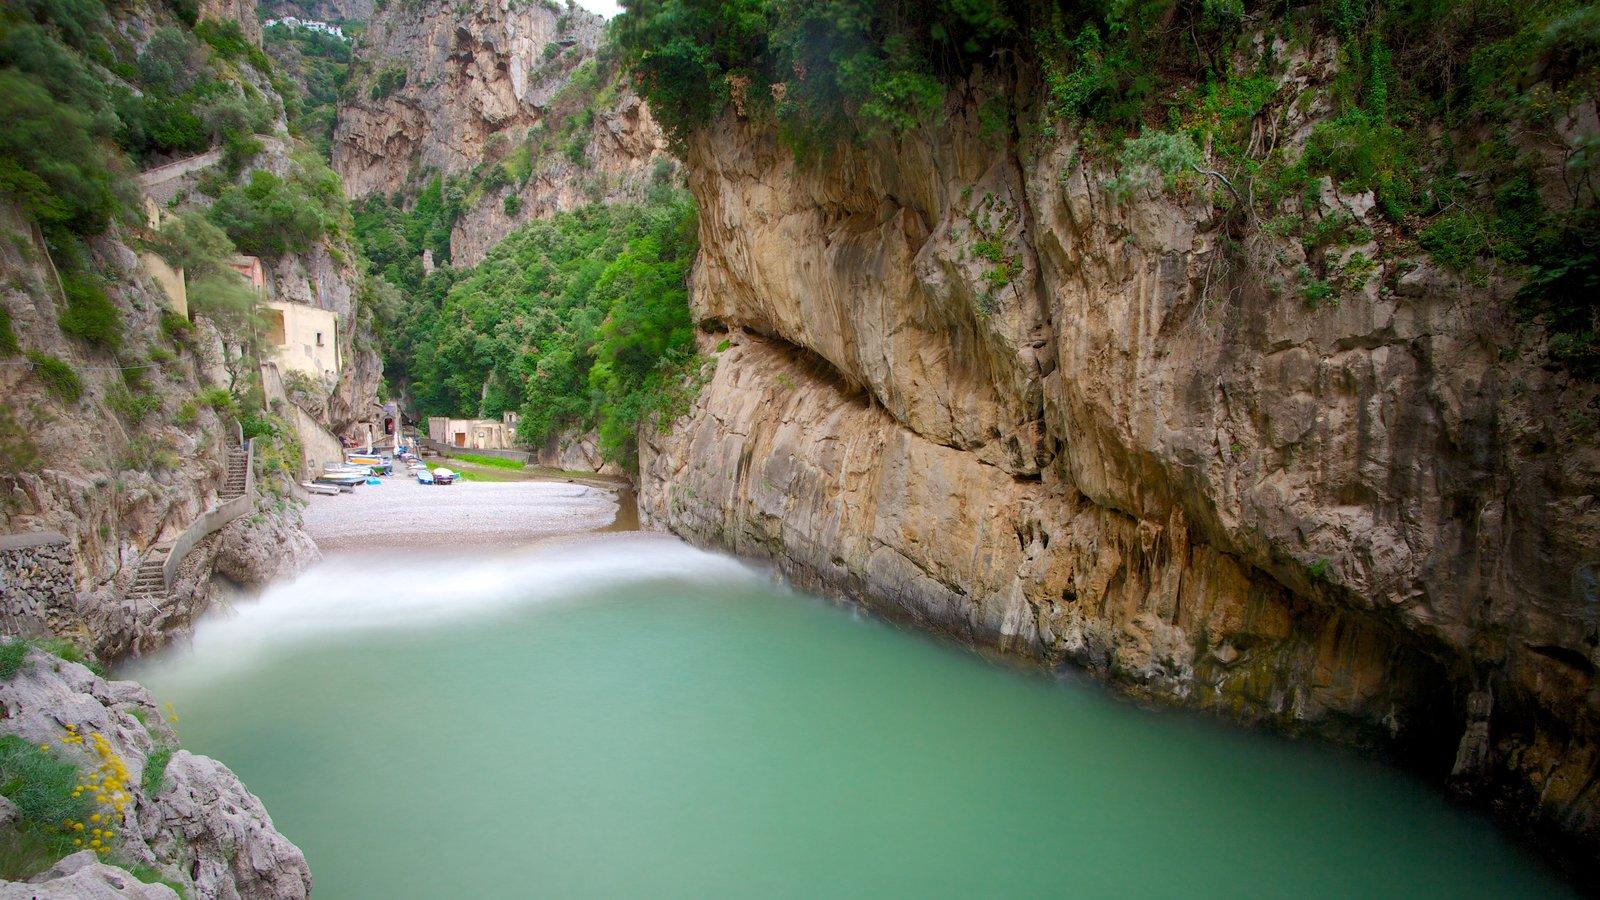 Fiordo di Furore which includes rugged coastline